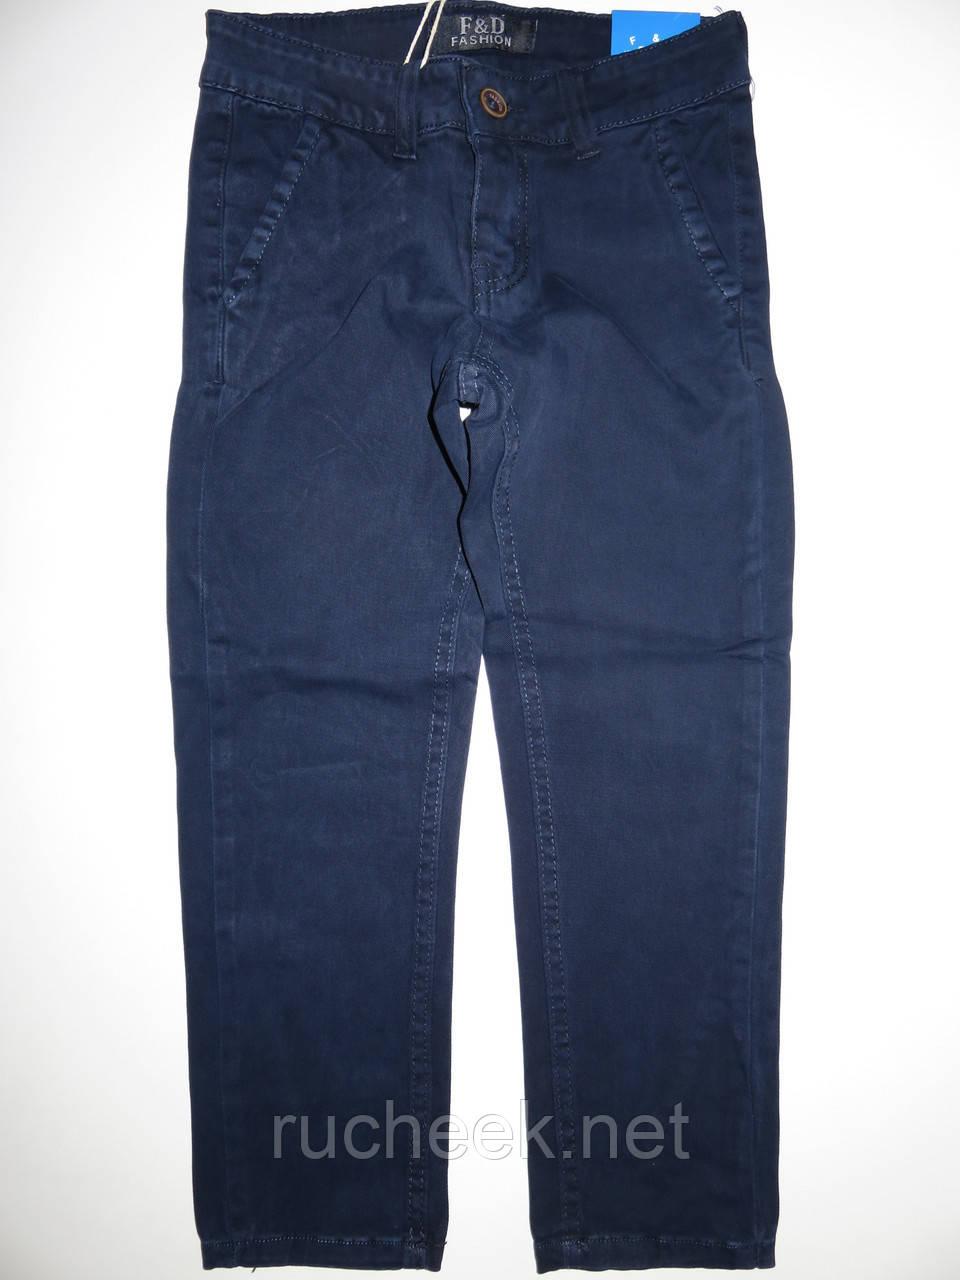 Коттоновые брюки для мальчика школа, джинсы синие р 16 лет, Венгрия F&D